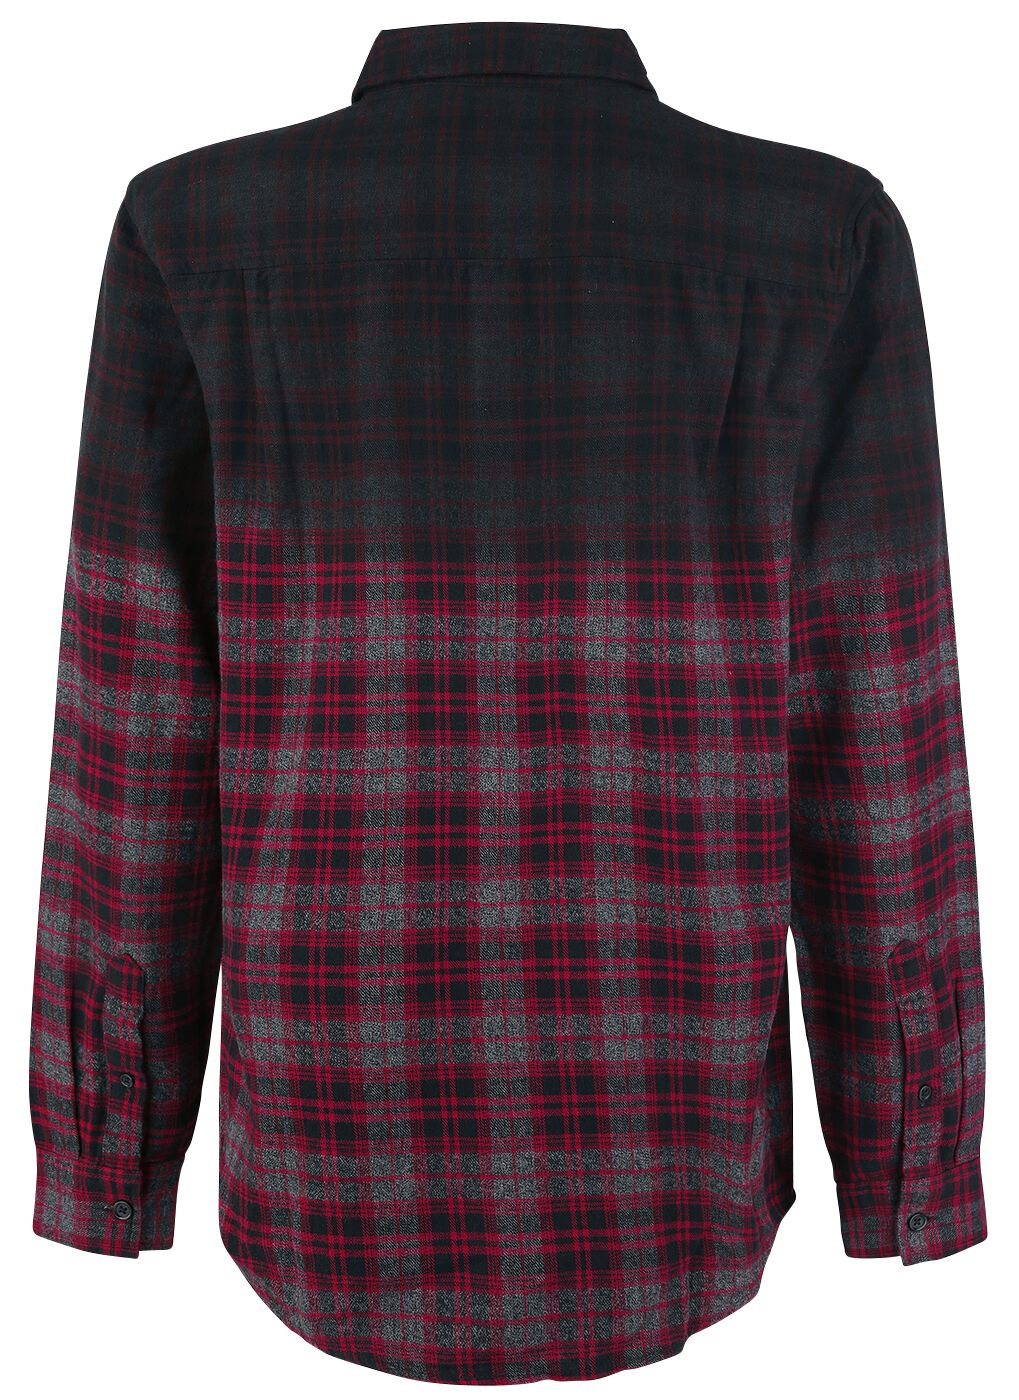 checkered shirt indigo plaid kapuzenpullover jetzt erh ltlich bei emp. Black Bedroom Furniture Sets. Home Design Ideas